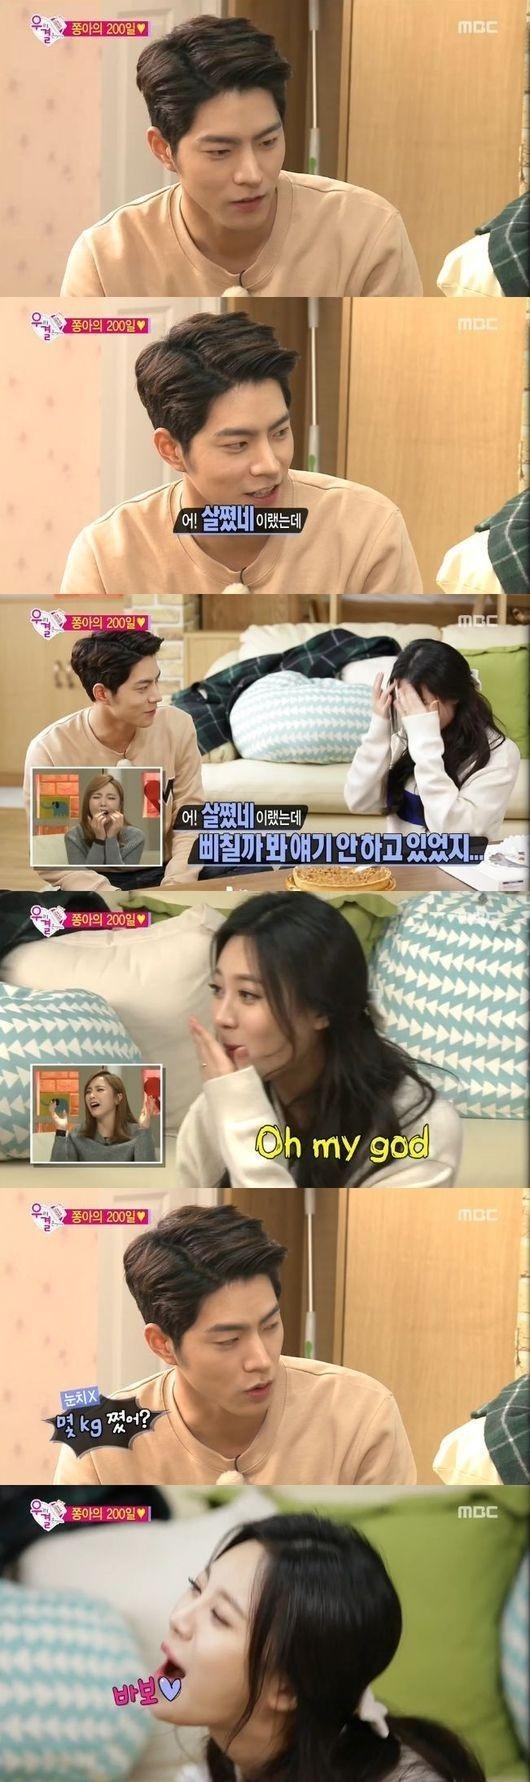 """「私たち結婚しました」ホン・ジョンヒョン、Girl's Day ユラの質問に困惑""""私、太った?"""""""